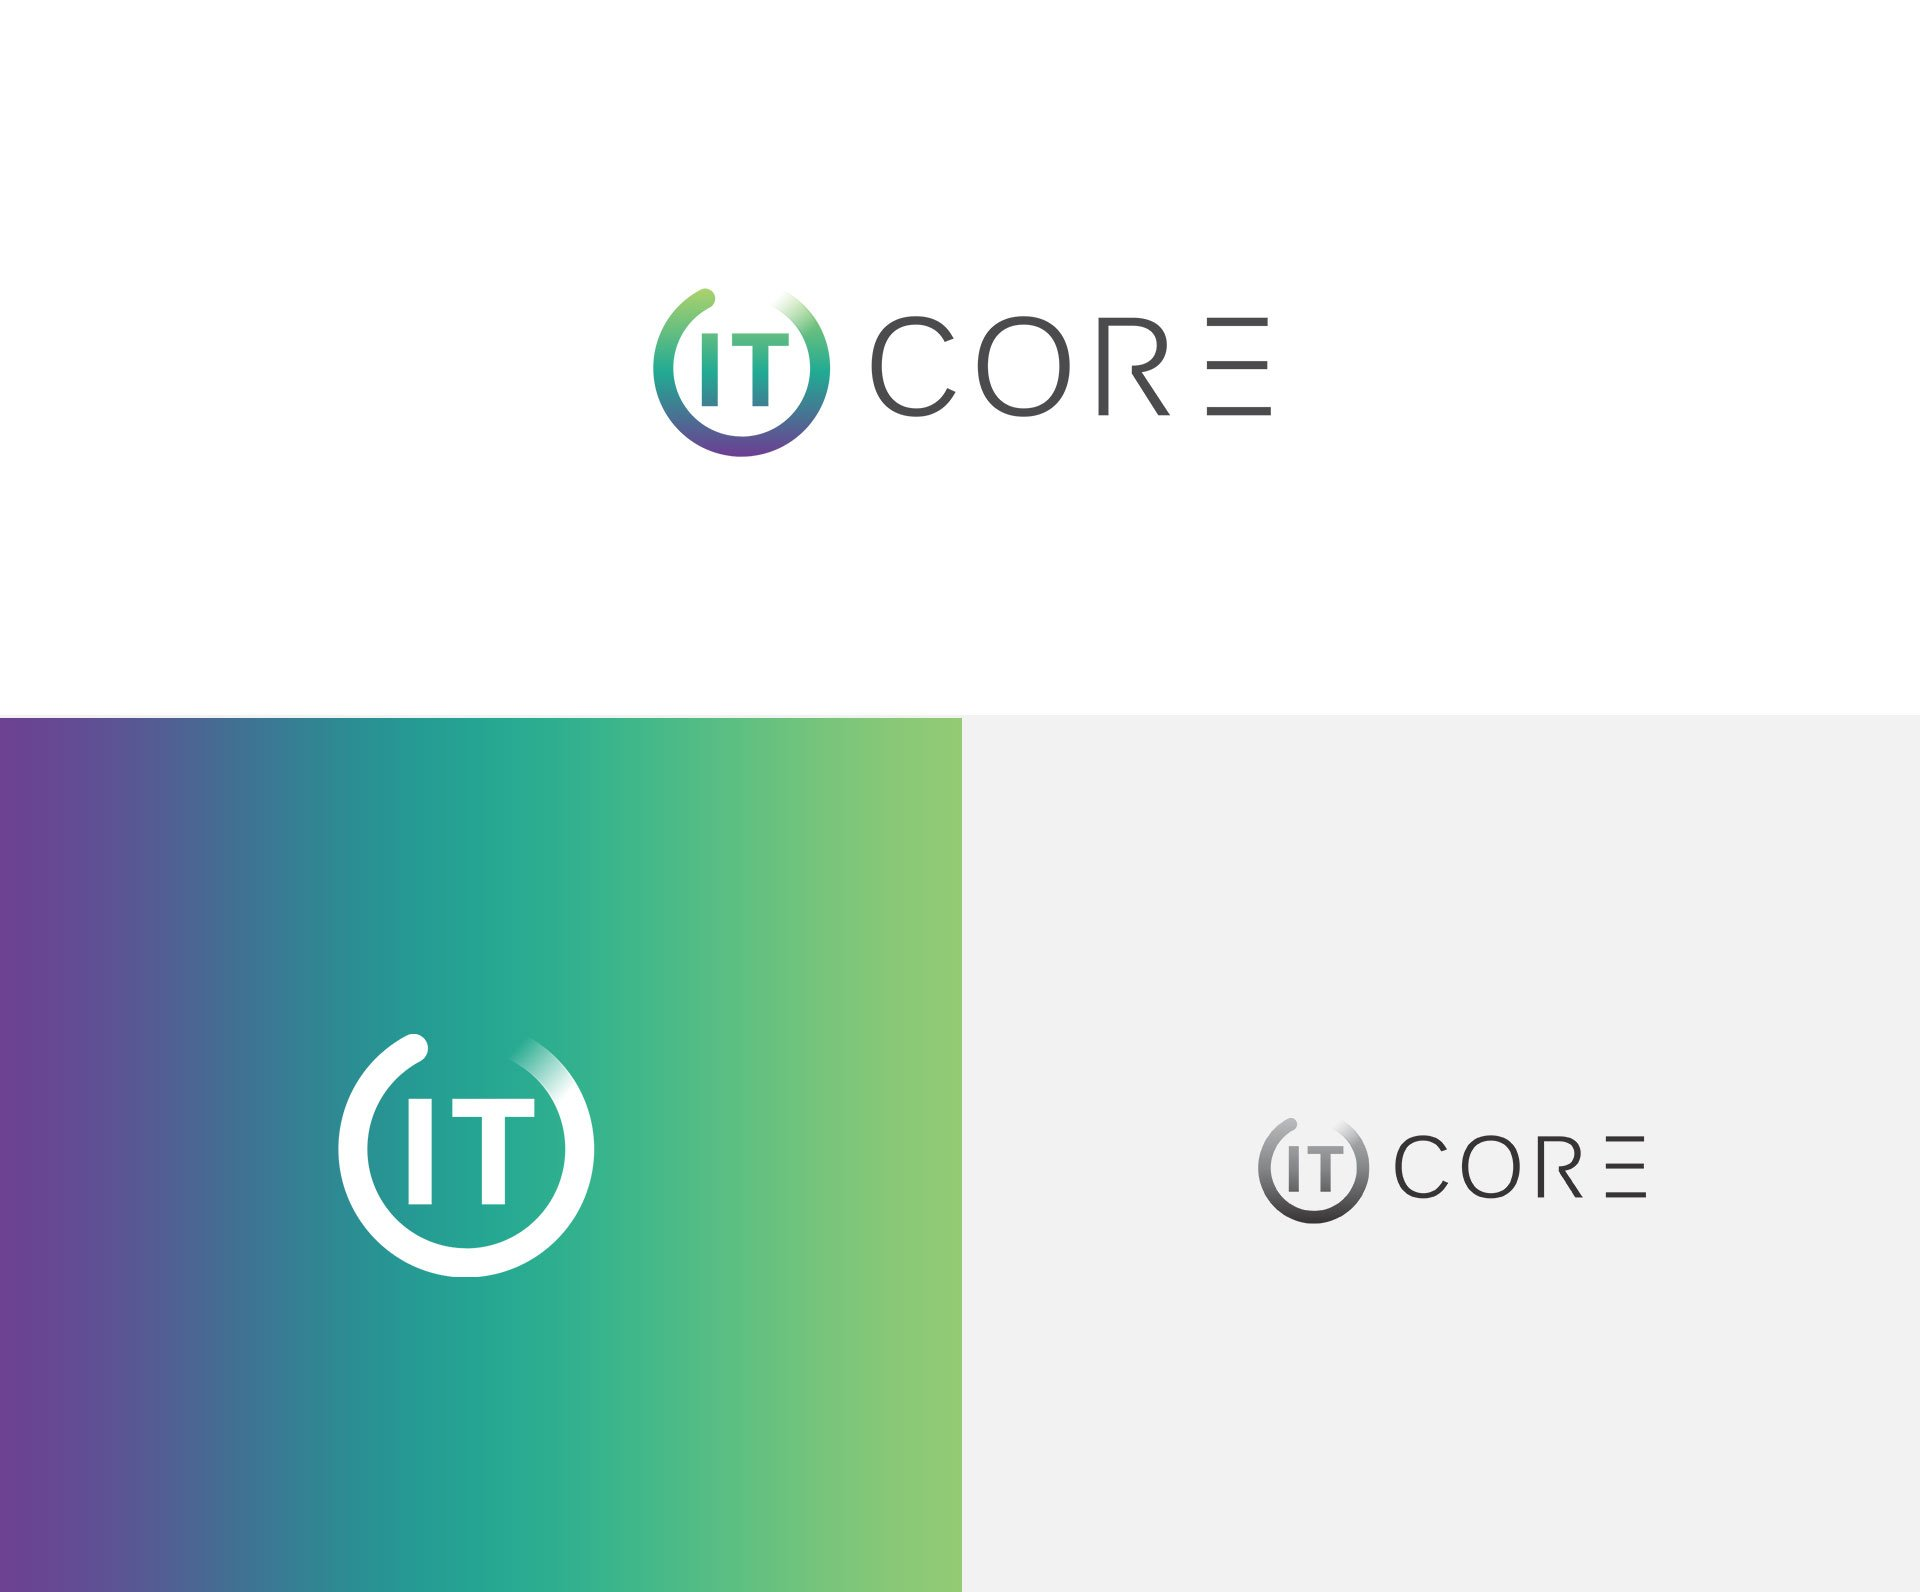 IT-Core-01